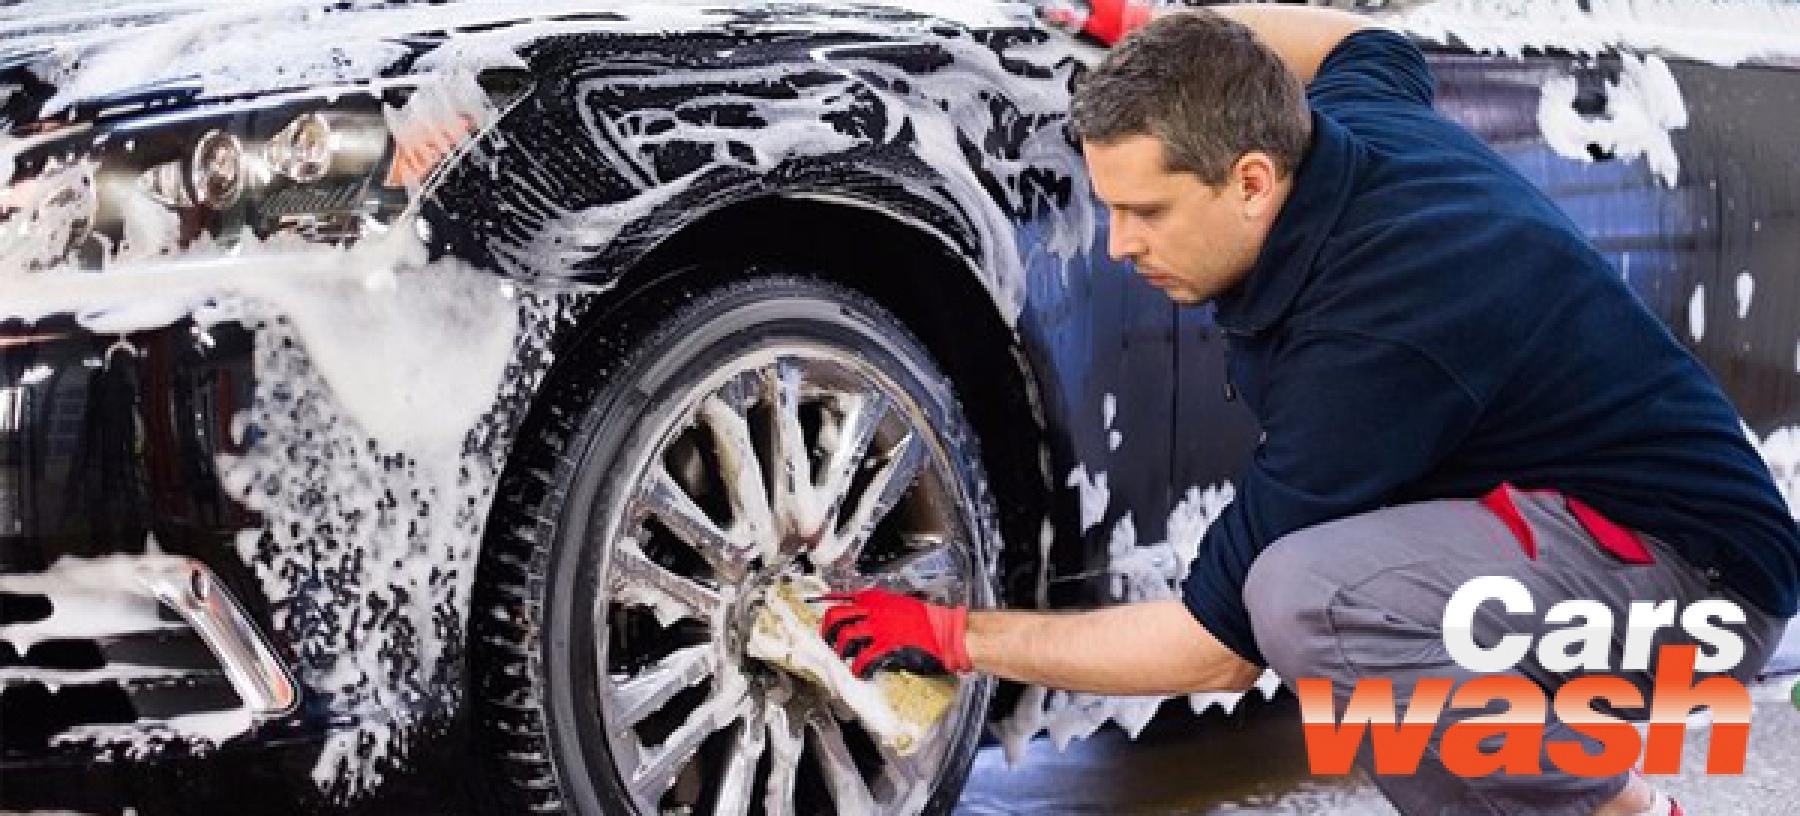 Kompletní ruční mytí vozu včetně tepování